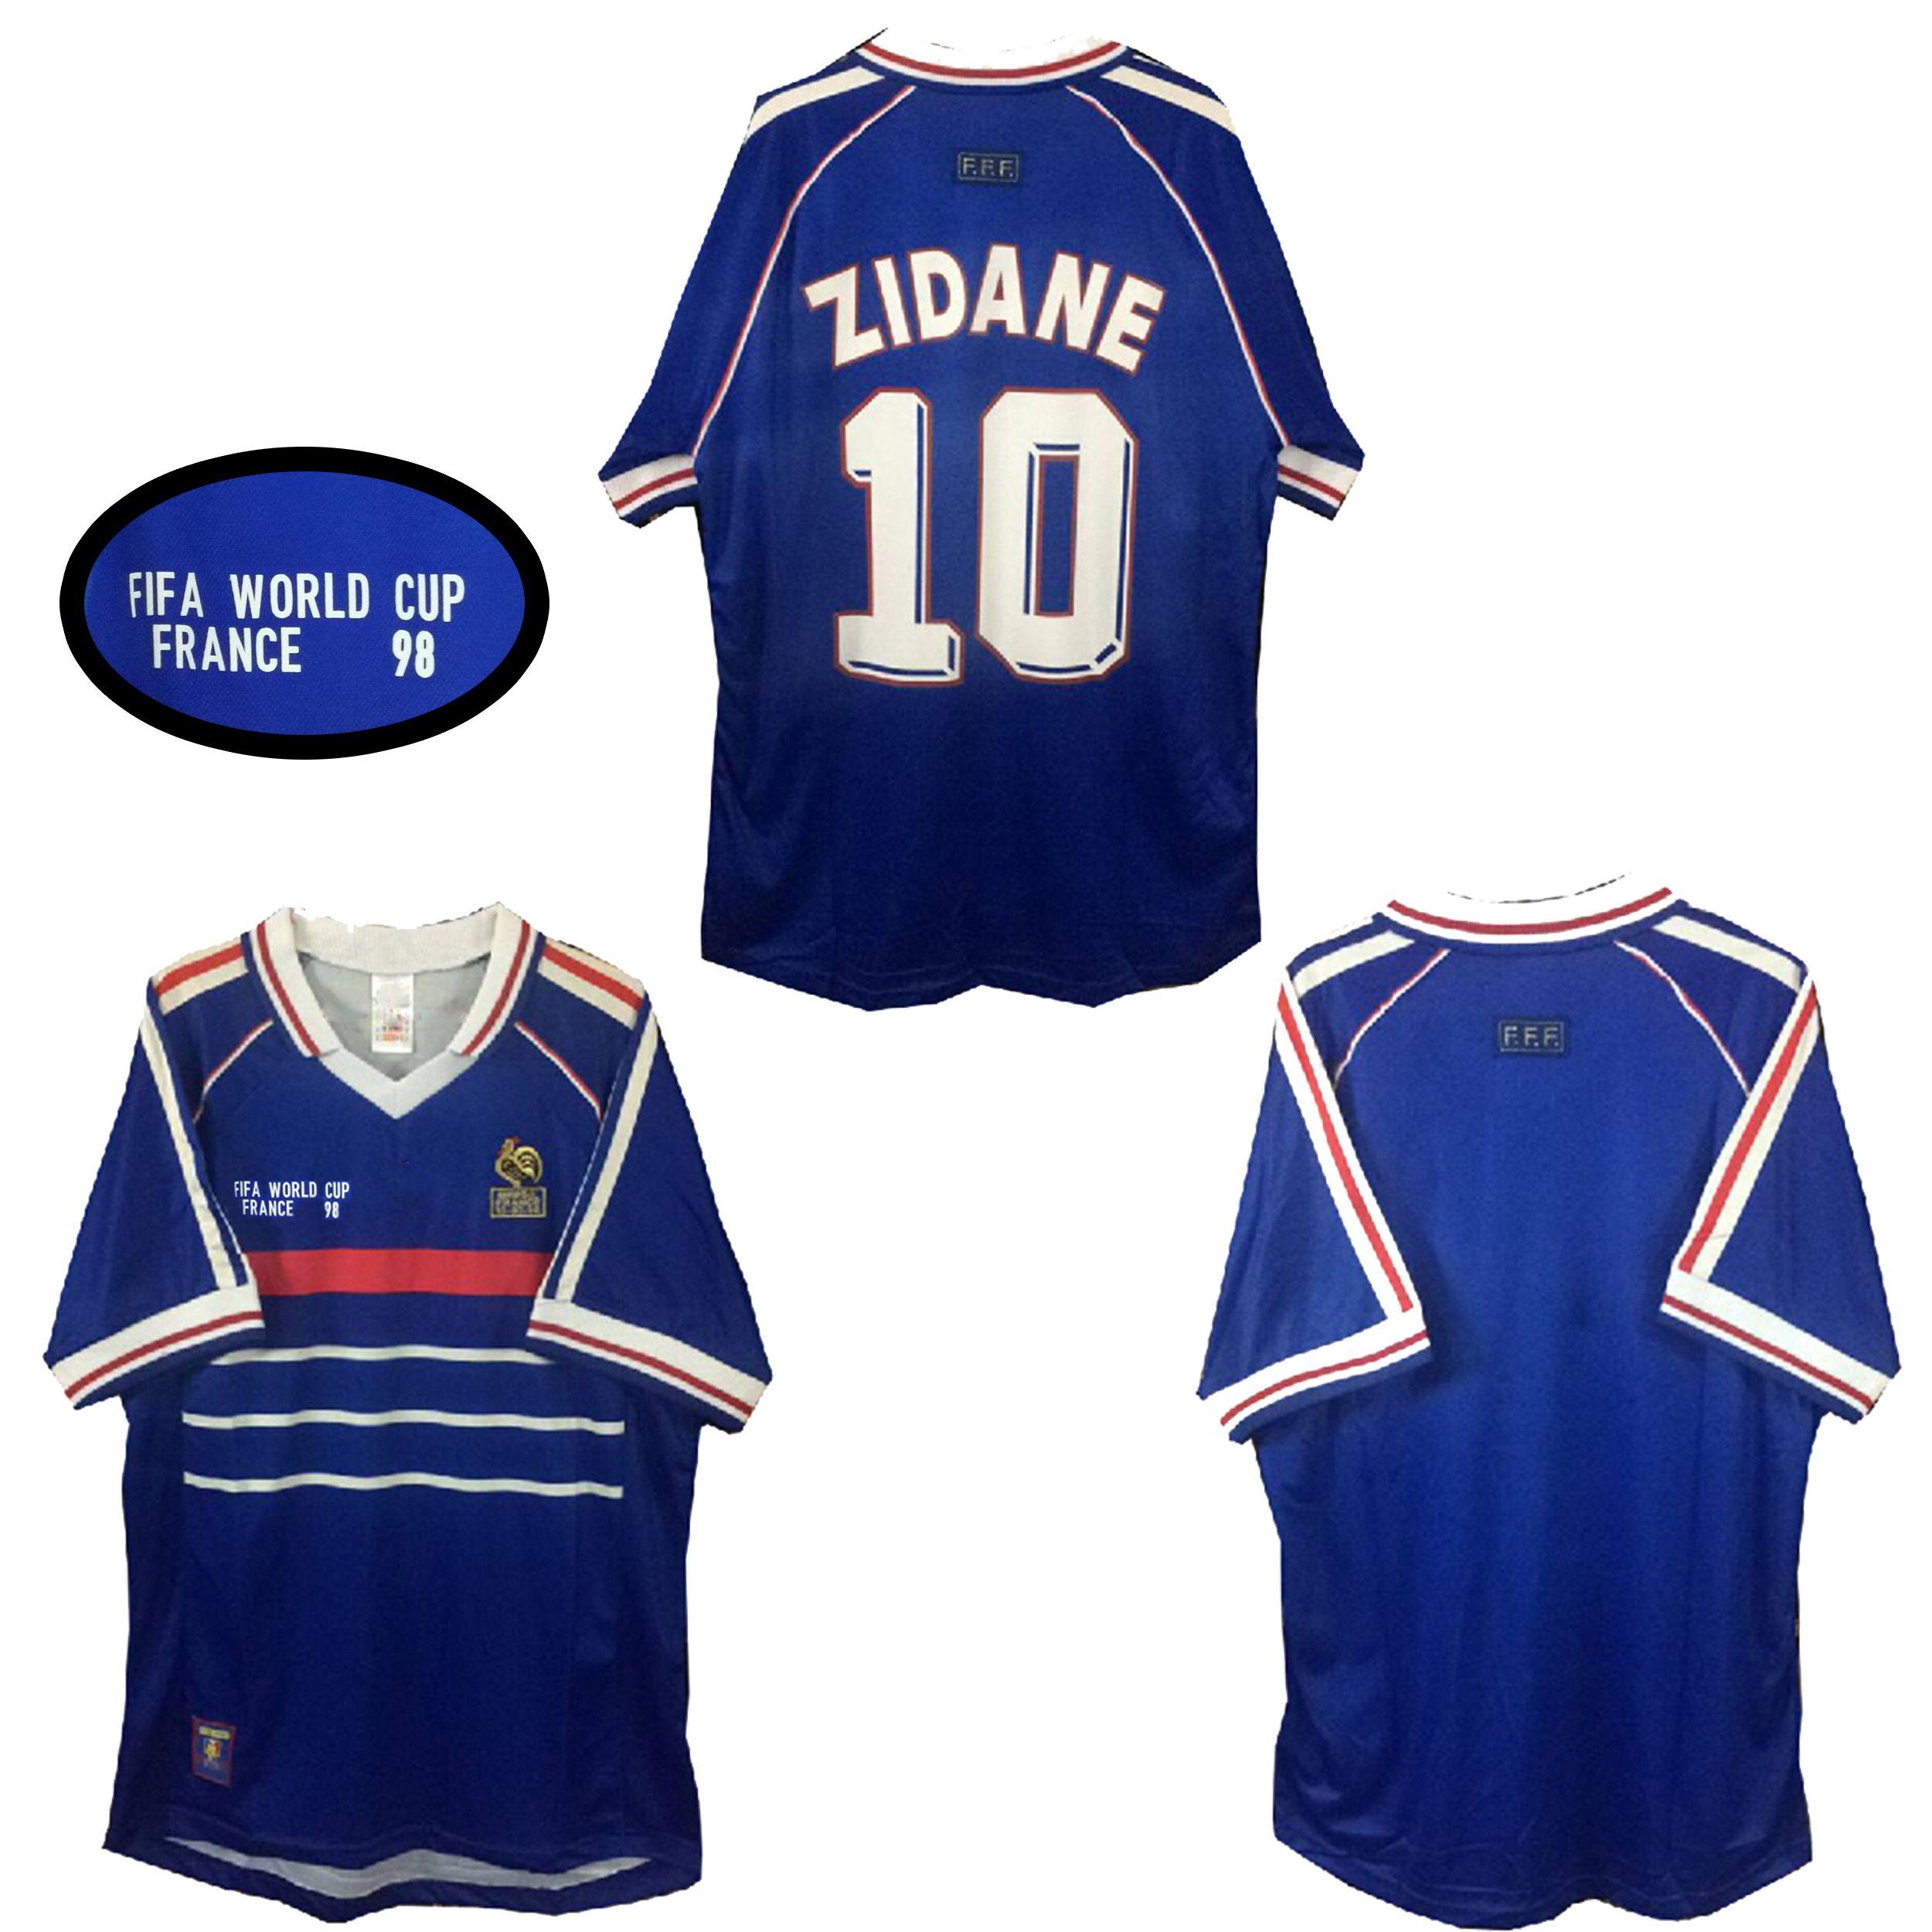 38f4e41ce 2019 1998 World Cu FRANCE Retro Soccer Jerseys Home 1998 Zidane Henry  Soccer Jerseys 1998 World Cu FRANCE Retro Football Shirts From Bao3667183